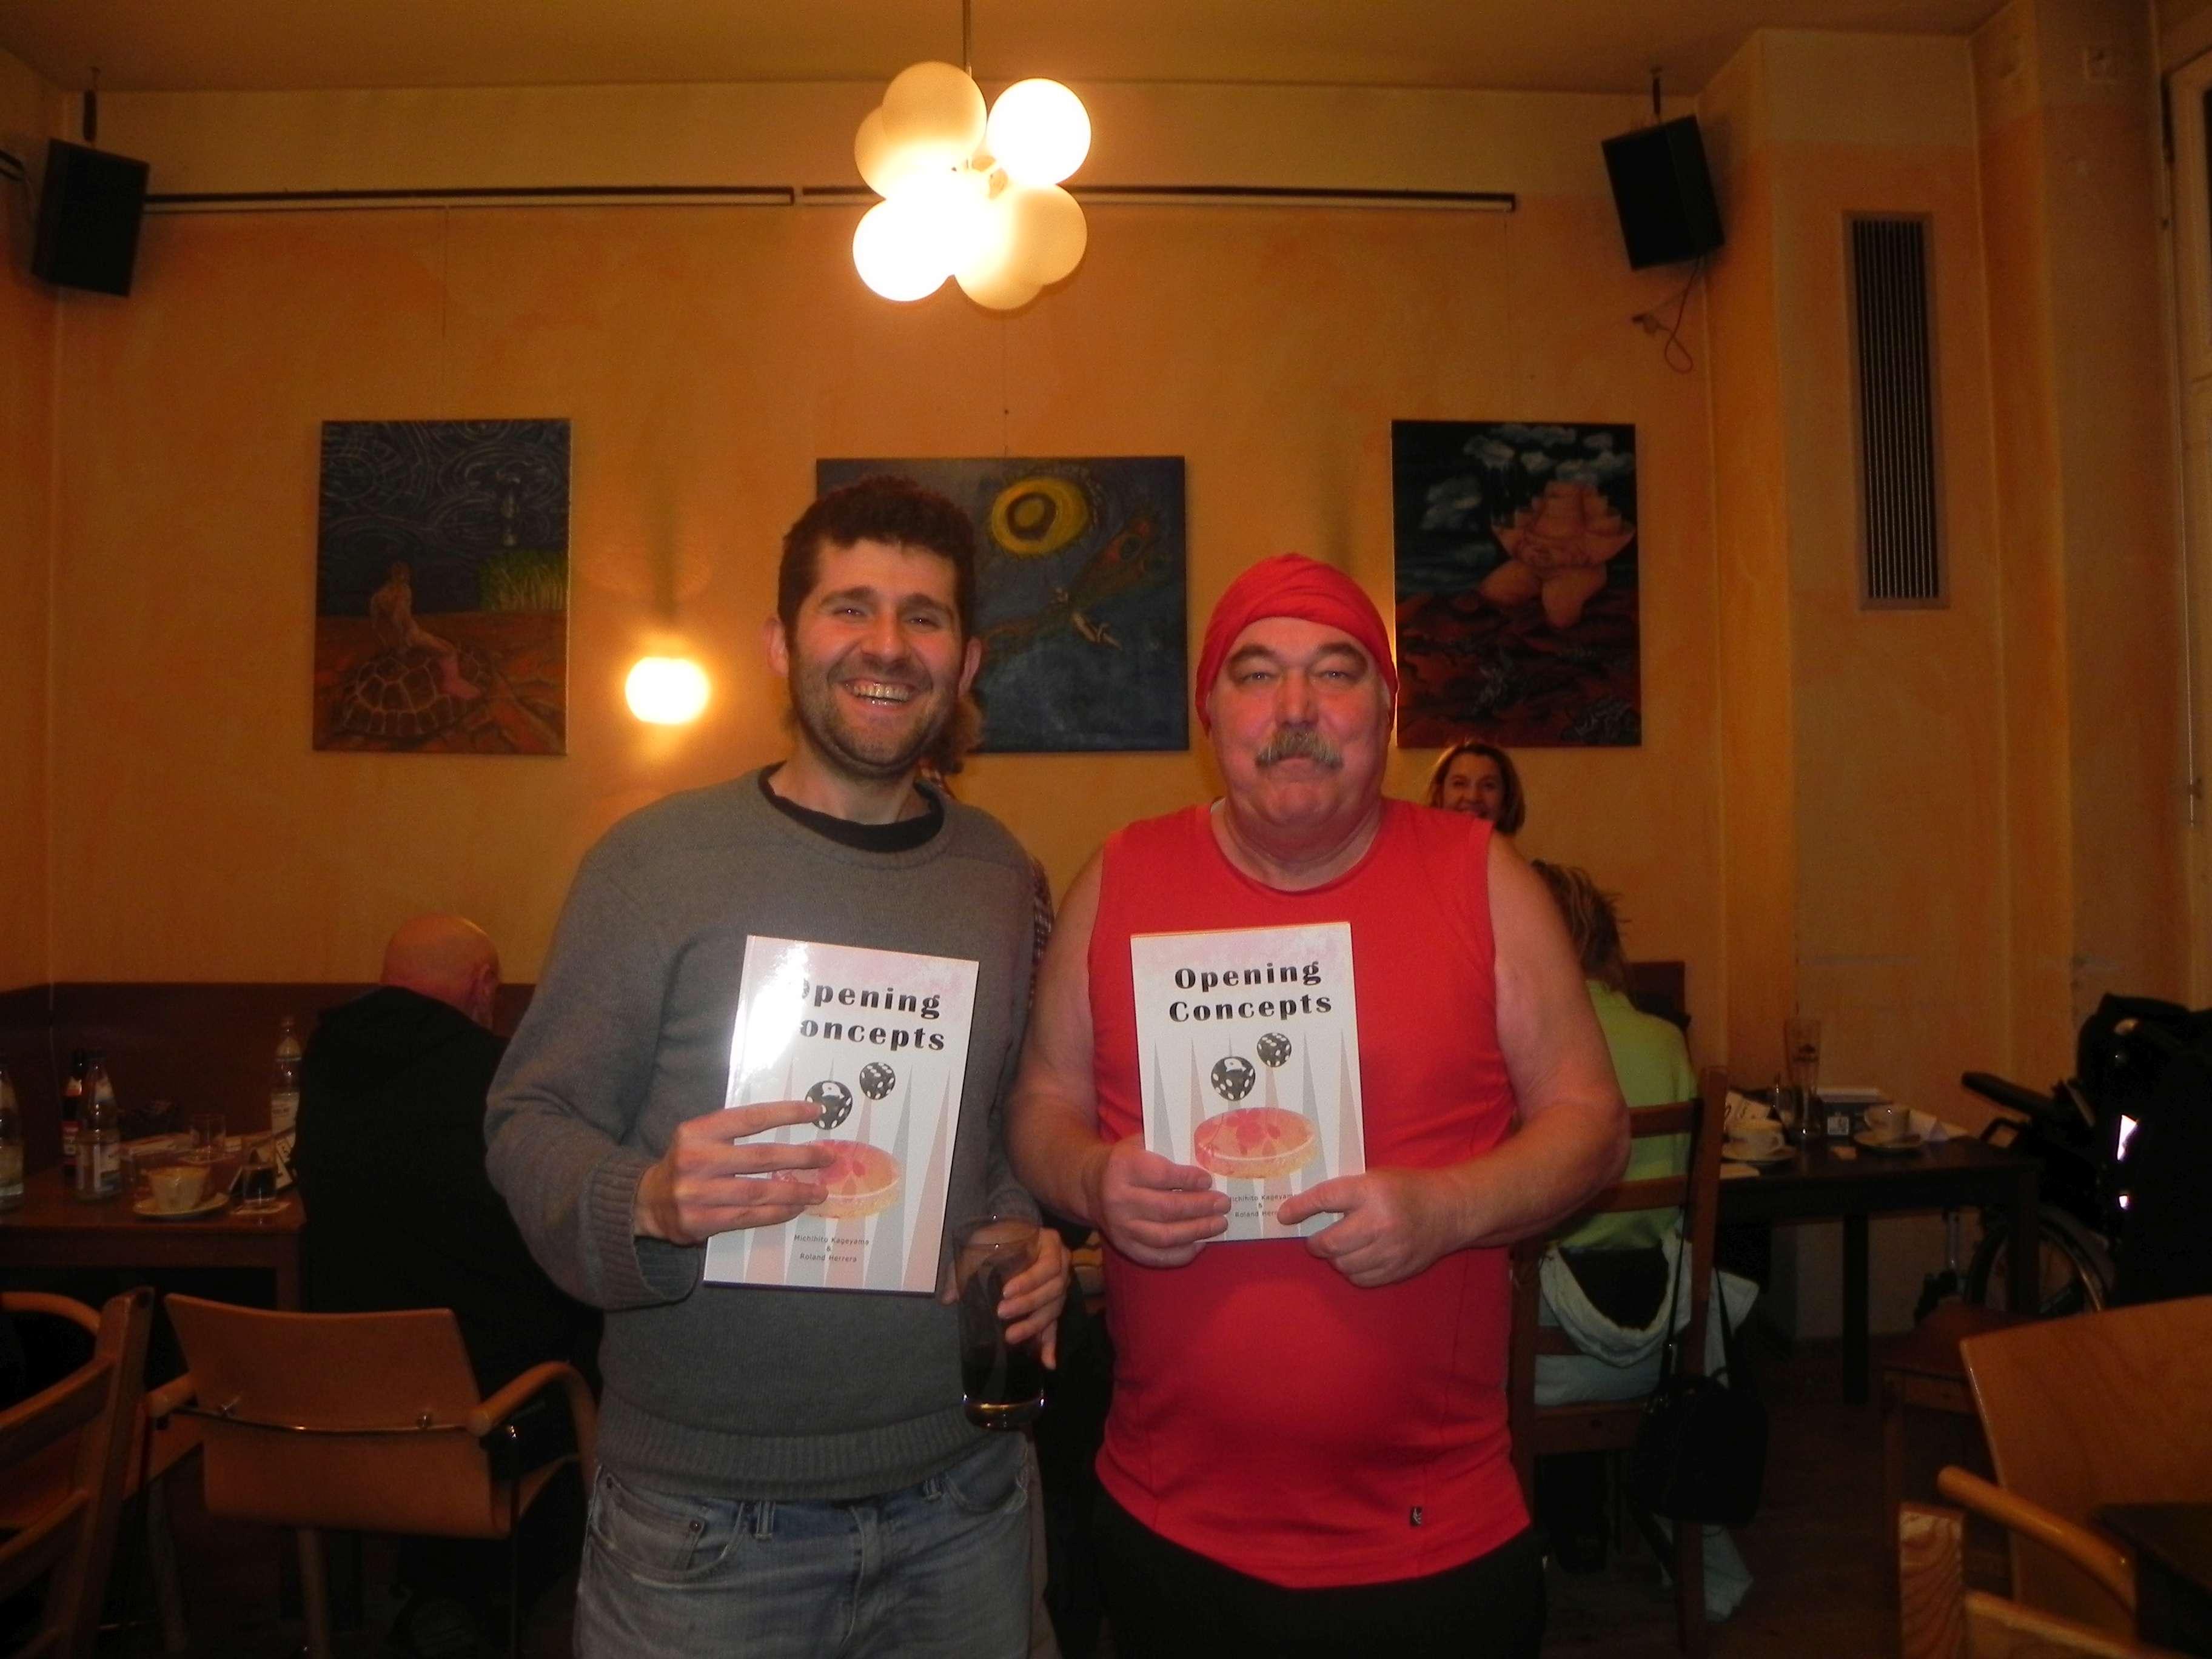 Cihan Göksu (li) und Jürgen Lange, Gewinner der beiden Exemplare von Opening Concepts, die von Michi gestiftet wurden